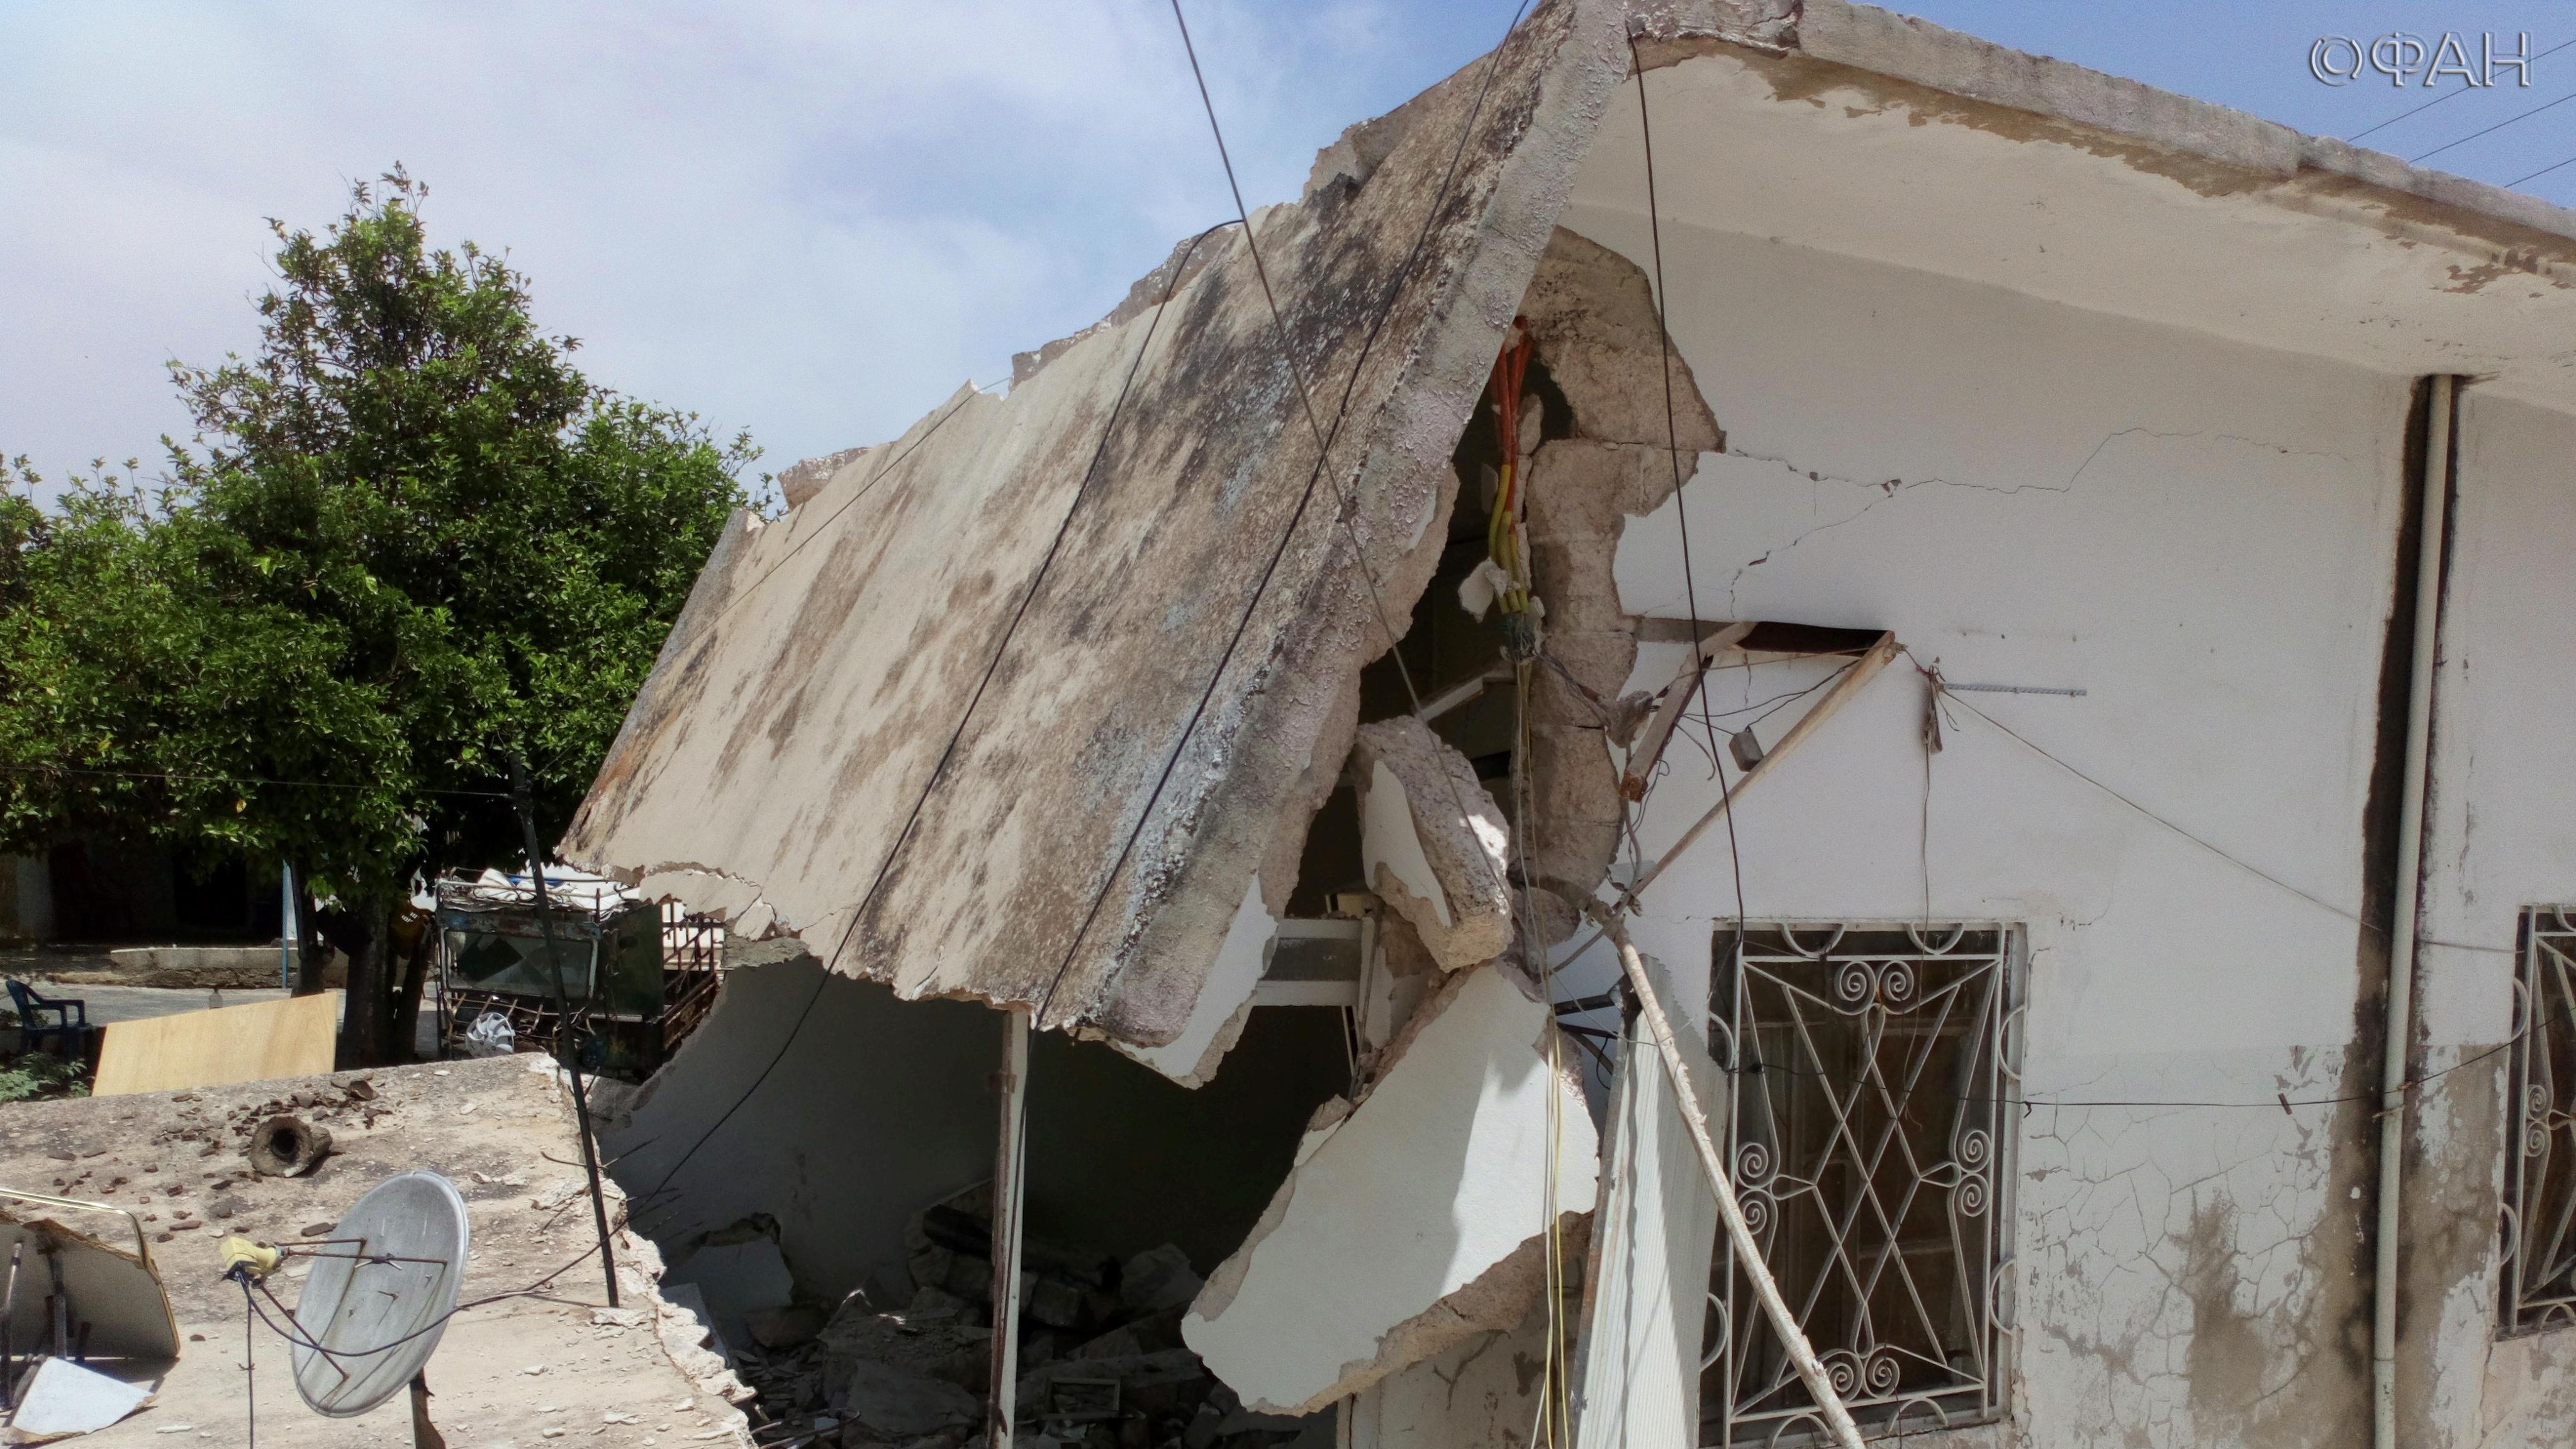 ЦПВС сообщил о 17 обстрелах в Идлибской зоне деэскалации в Сирии